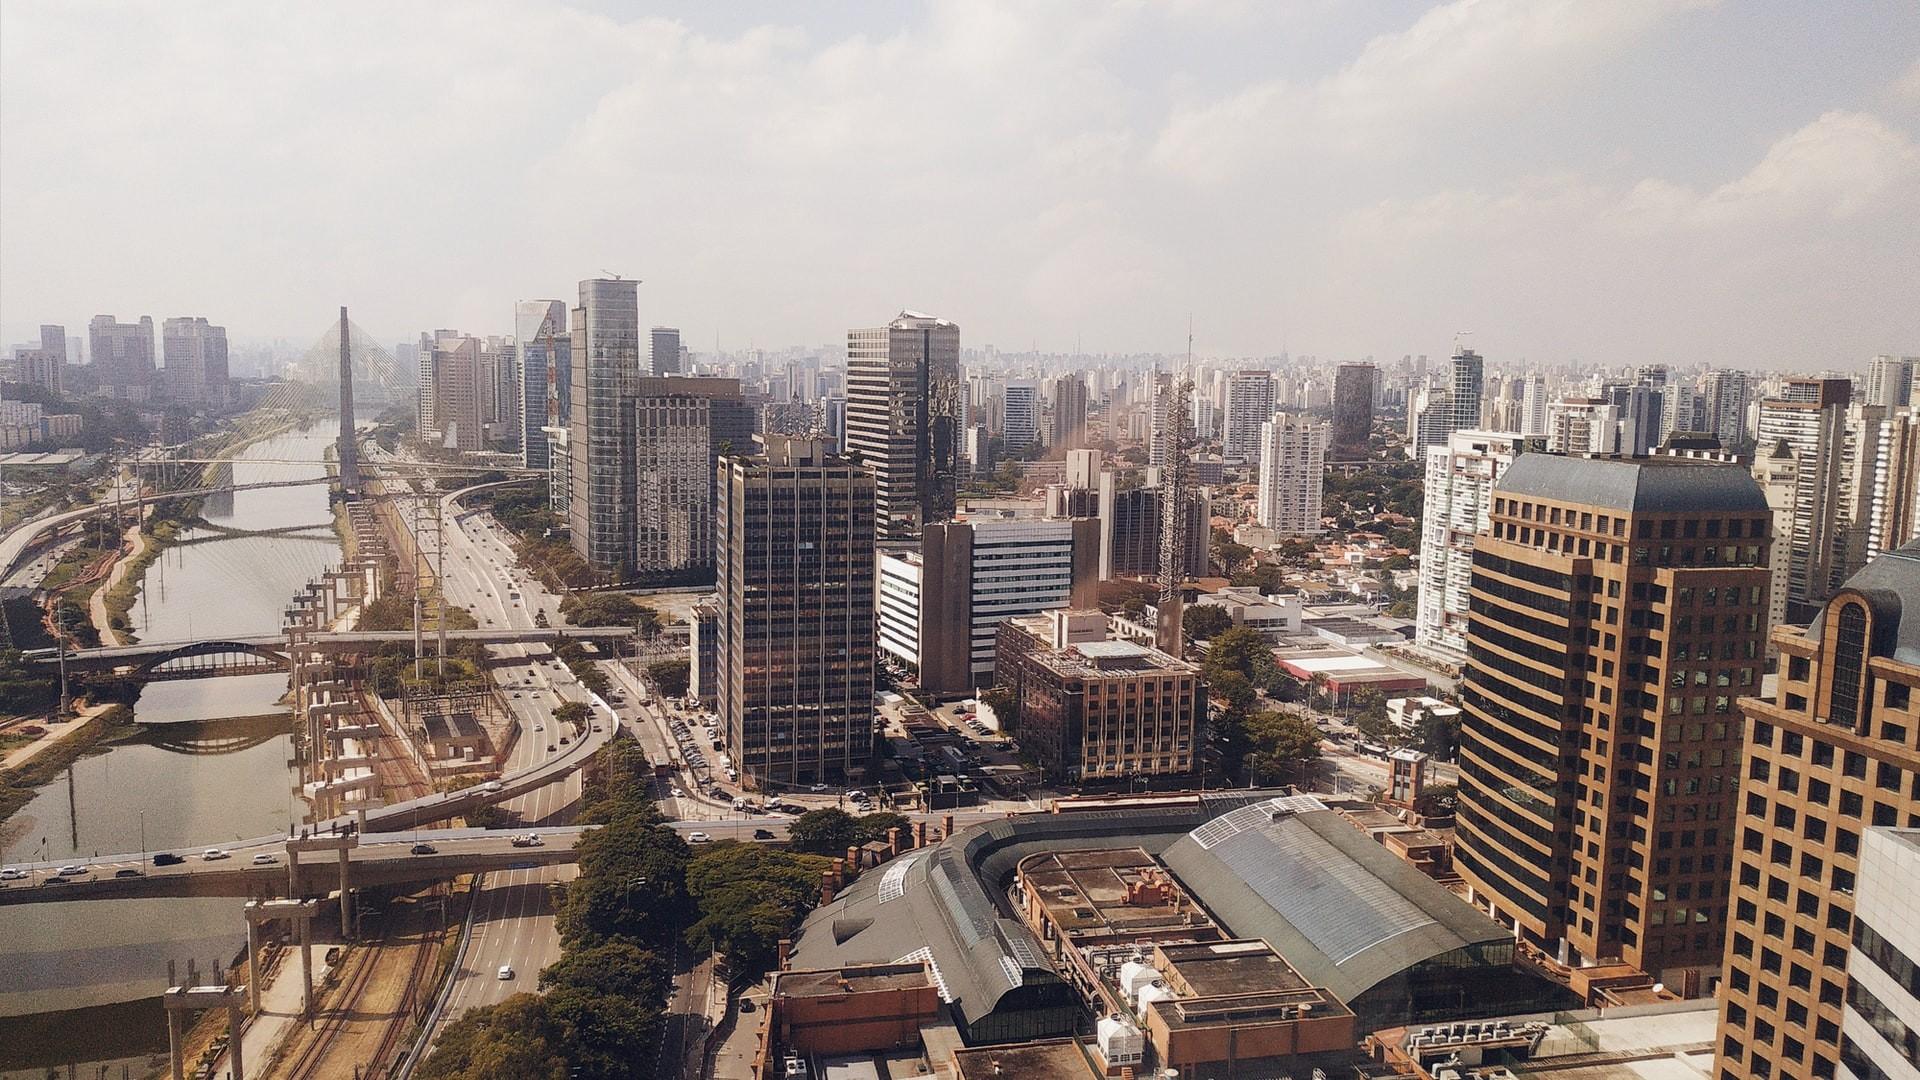 Isolamento de 50% em São Paulo reduziria casos de Covid-19 e metade das mortes (Foto: Renan/Unsplash)